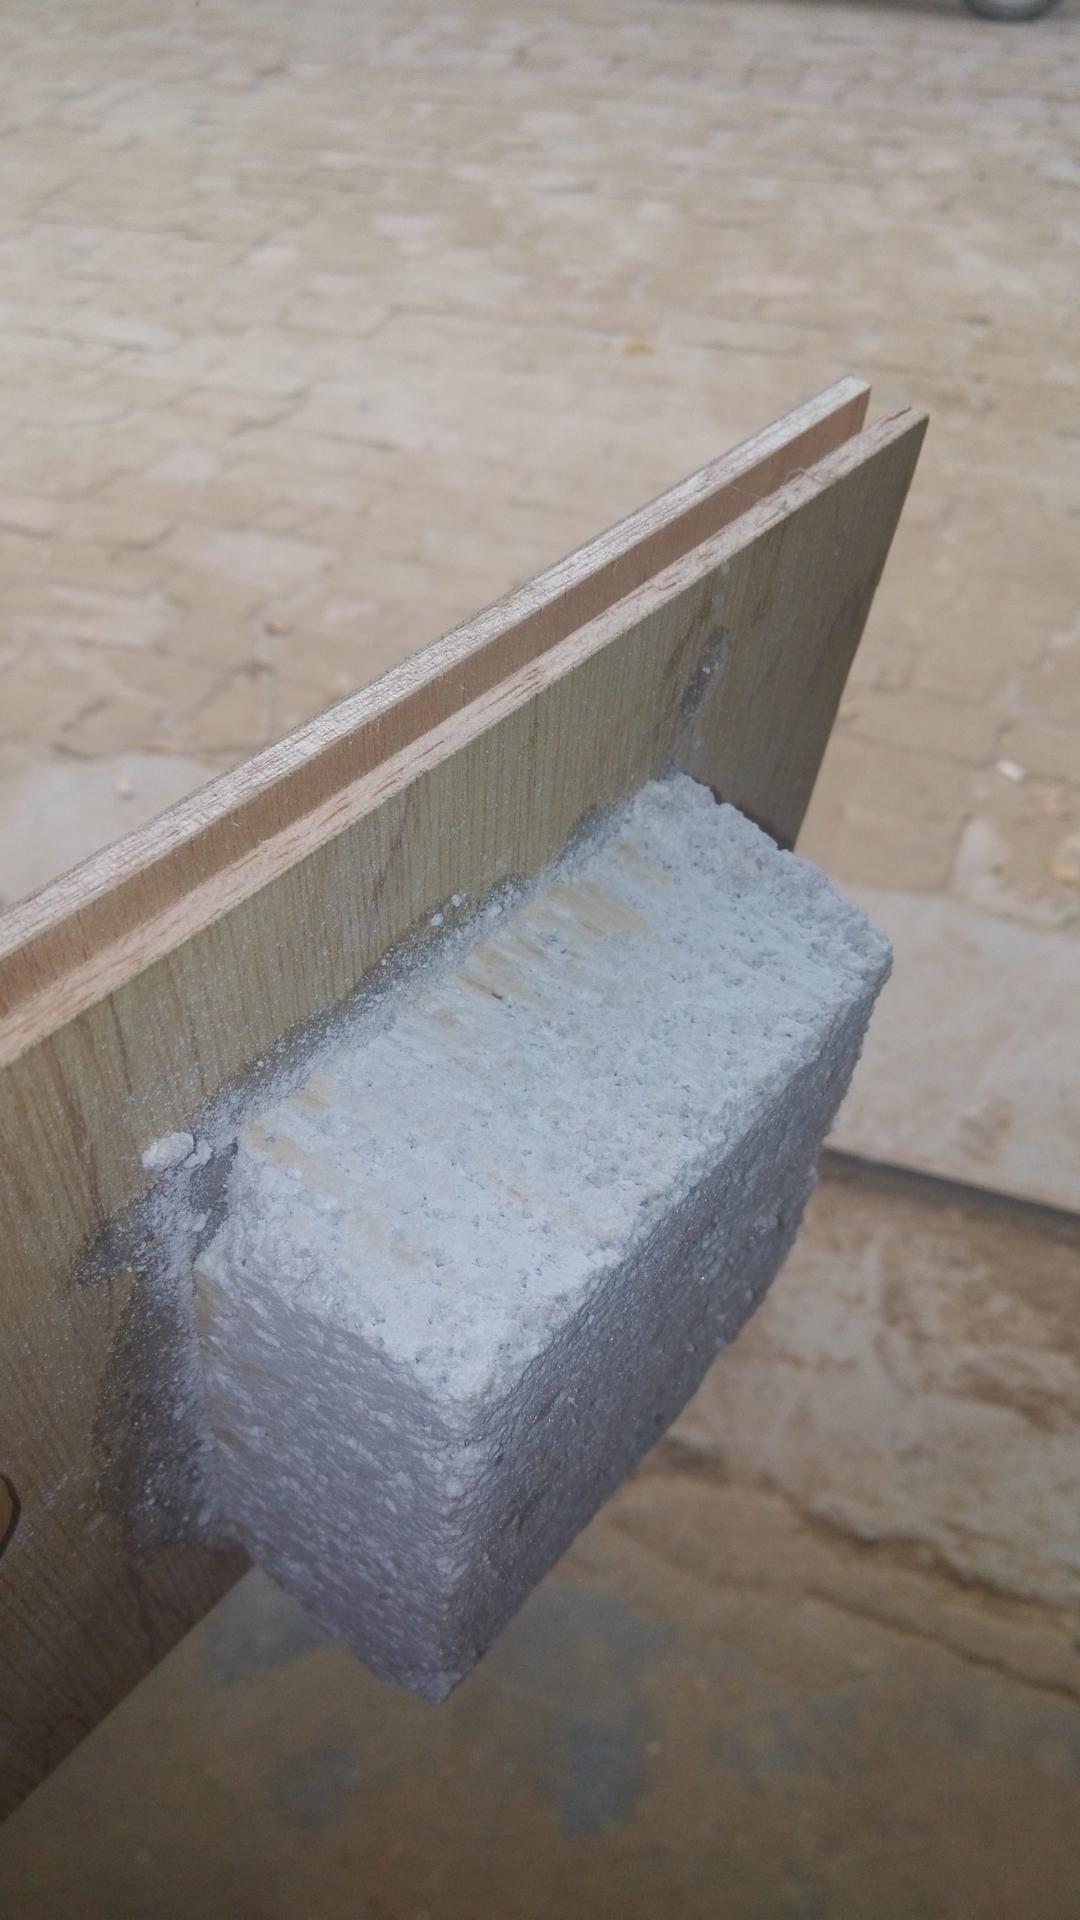 面易结皮而影响粘接效果.   、用于珍珠岩门芯板与木框边缝填缝时可